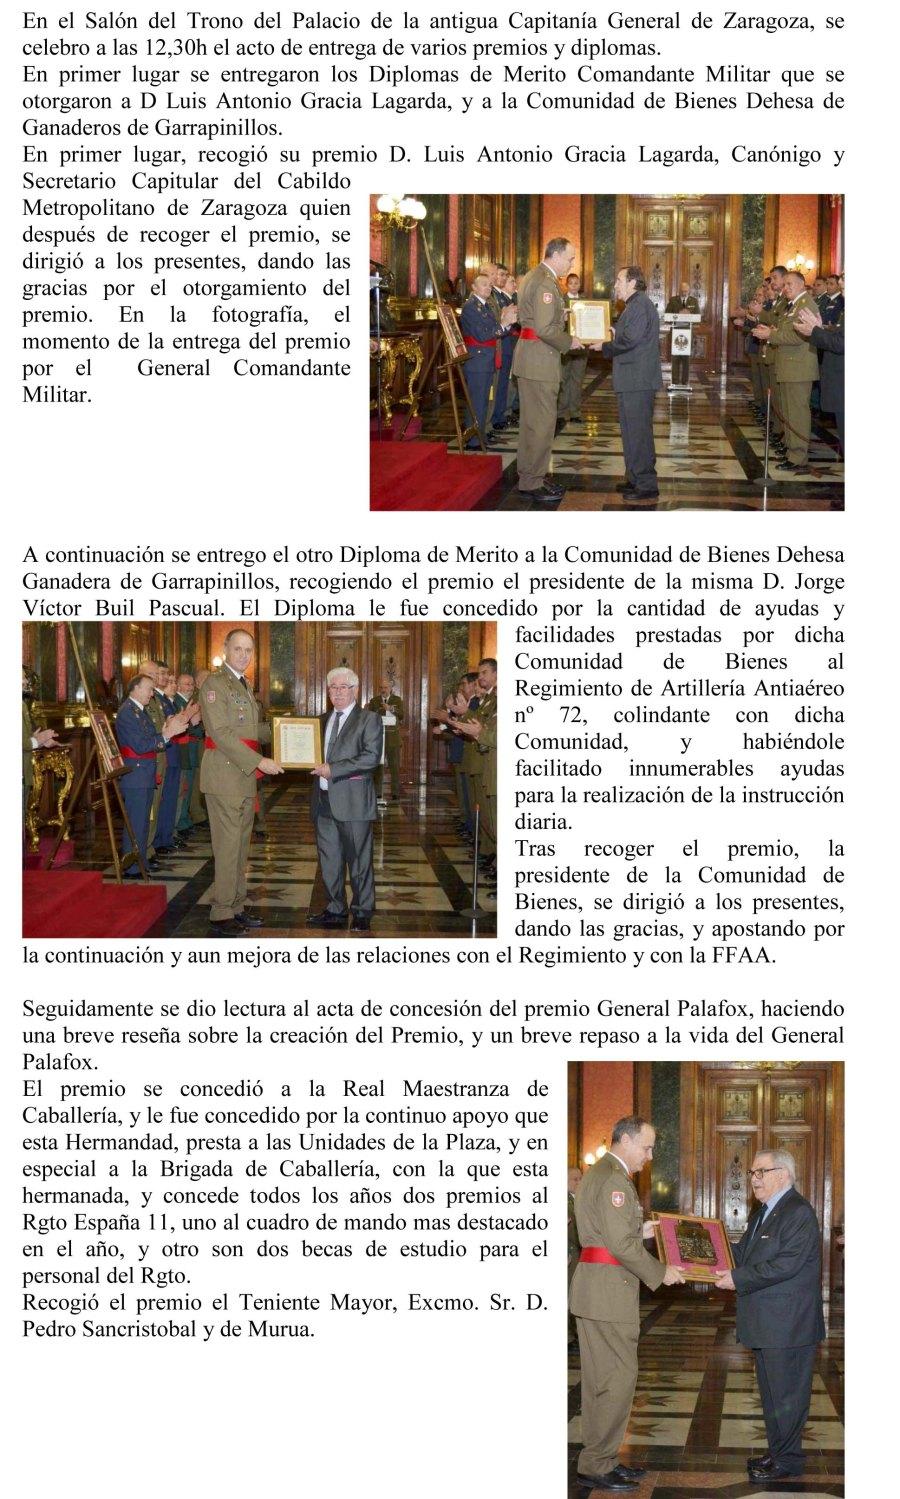 RESUMEN DEL ACTOEn el Salón del Trono del Palacio de la antigua